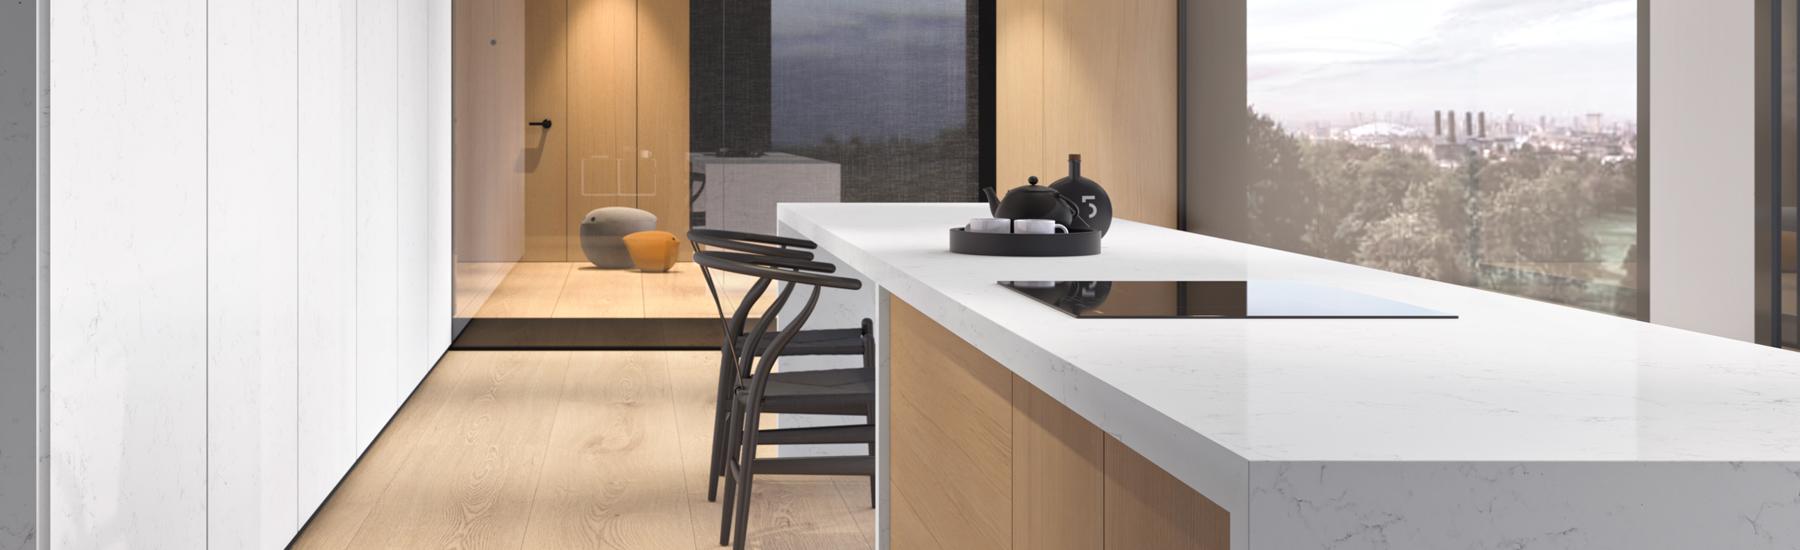 Unique Carrara Quartz Model